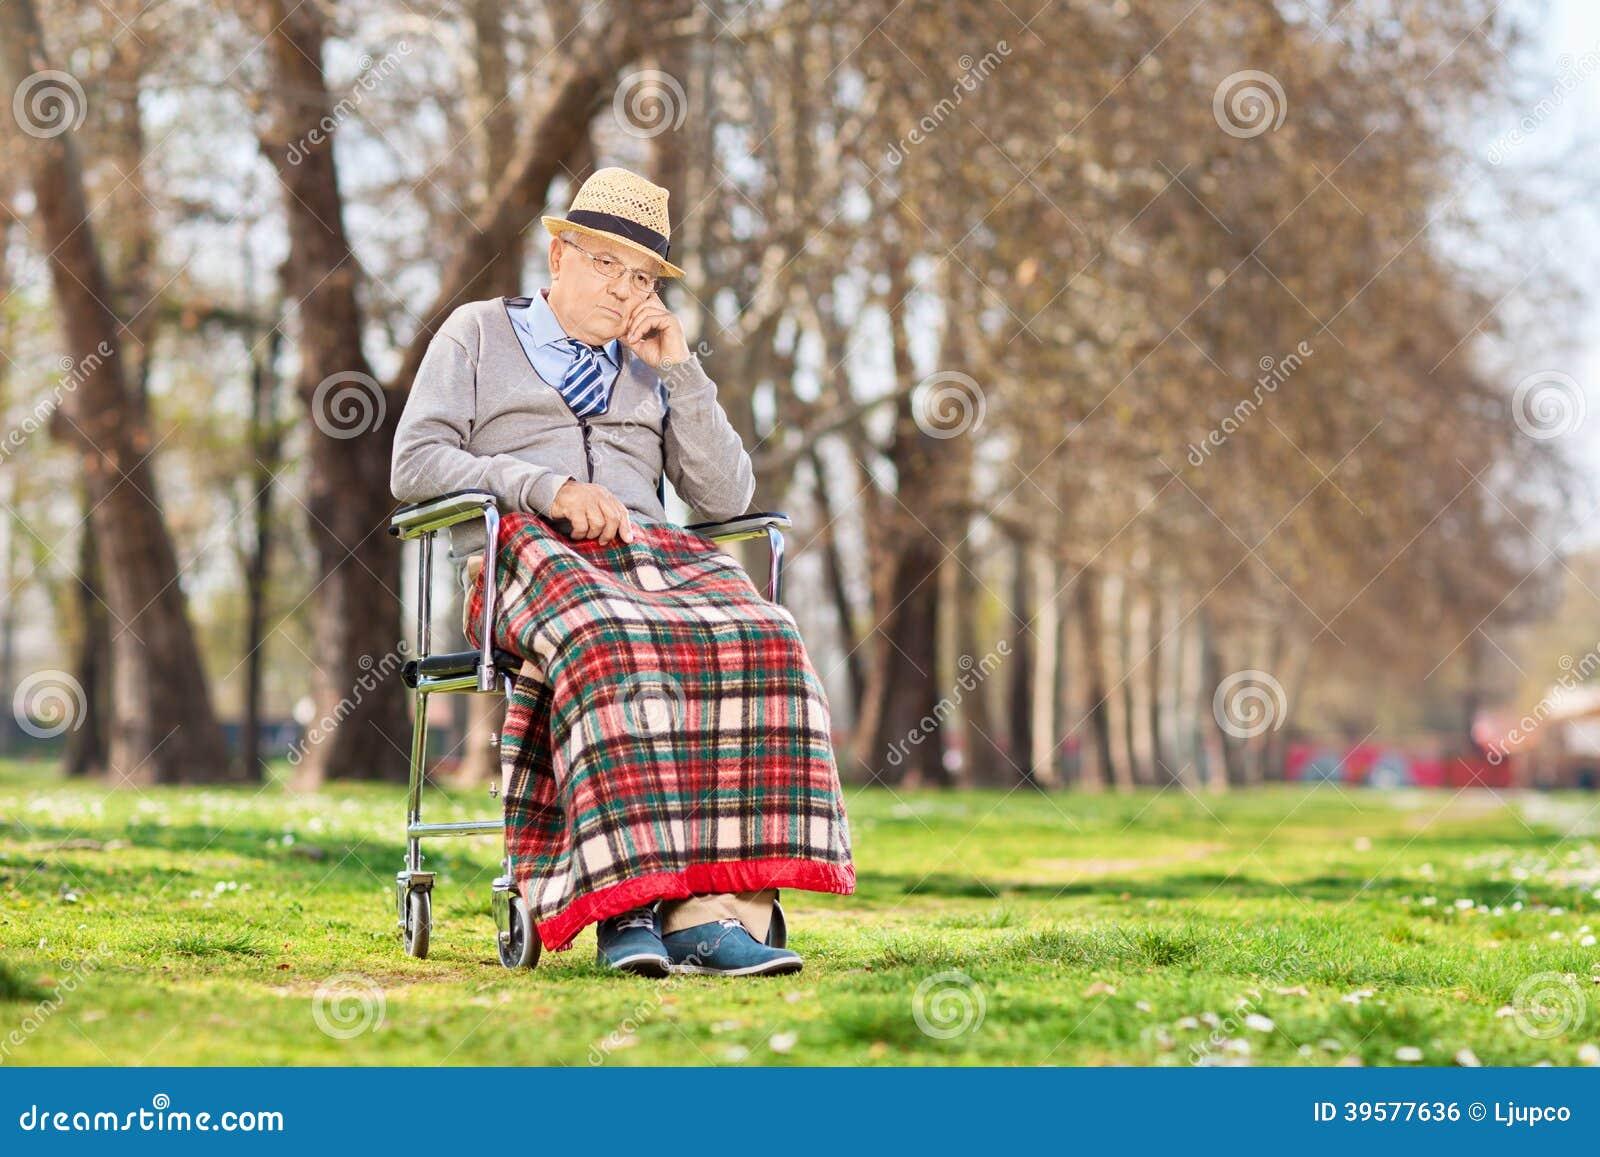 Gderliwy starego człowieka obsiadanie w wózku inwalidzkim w parku